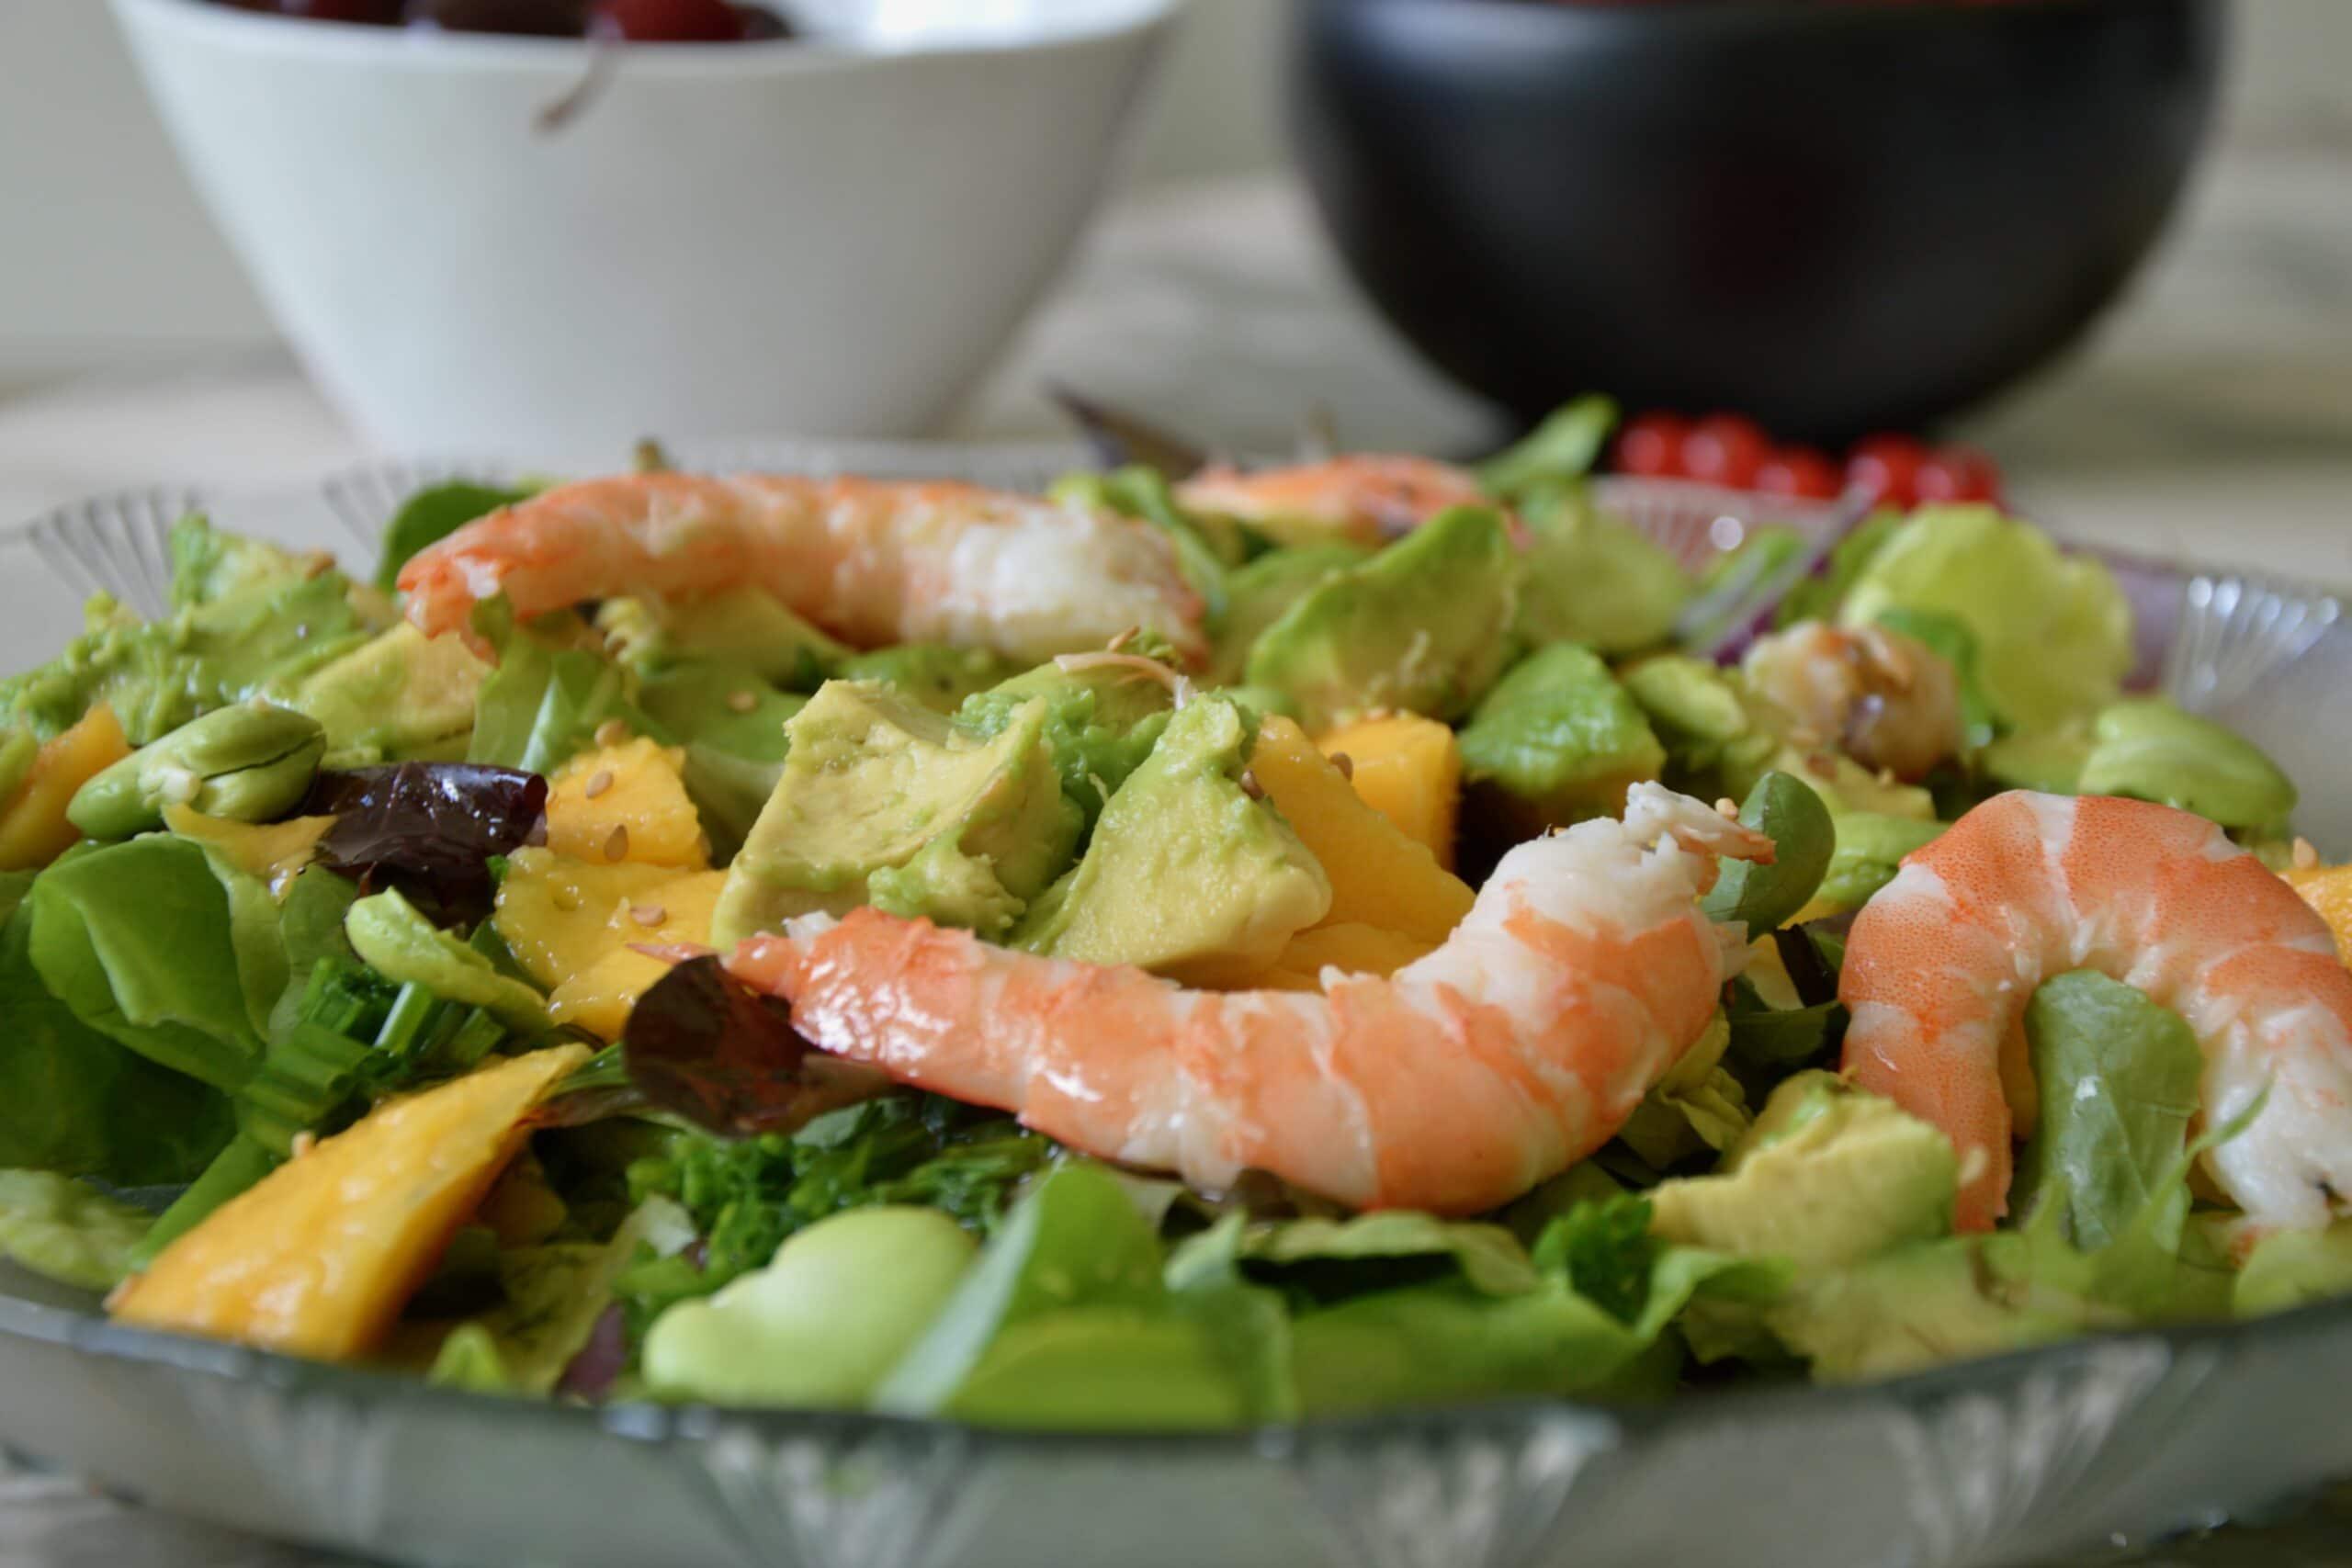 christine's mango avocado and shrimp salad